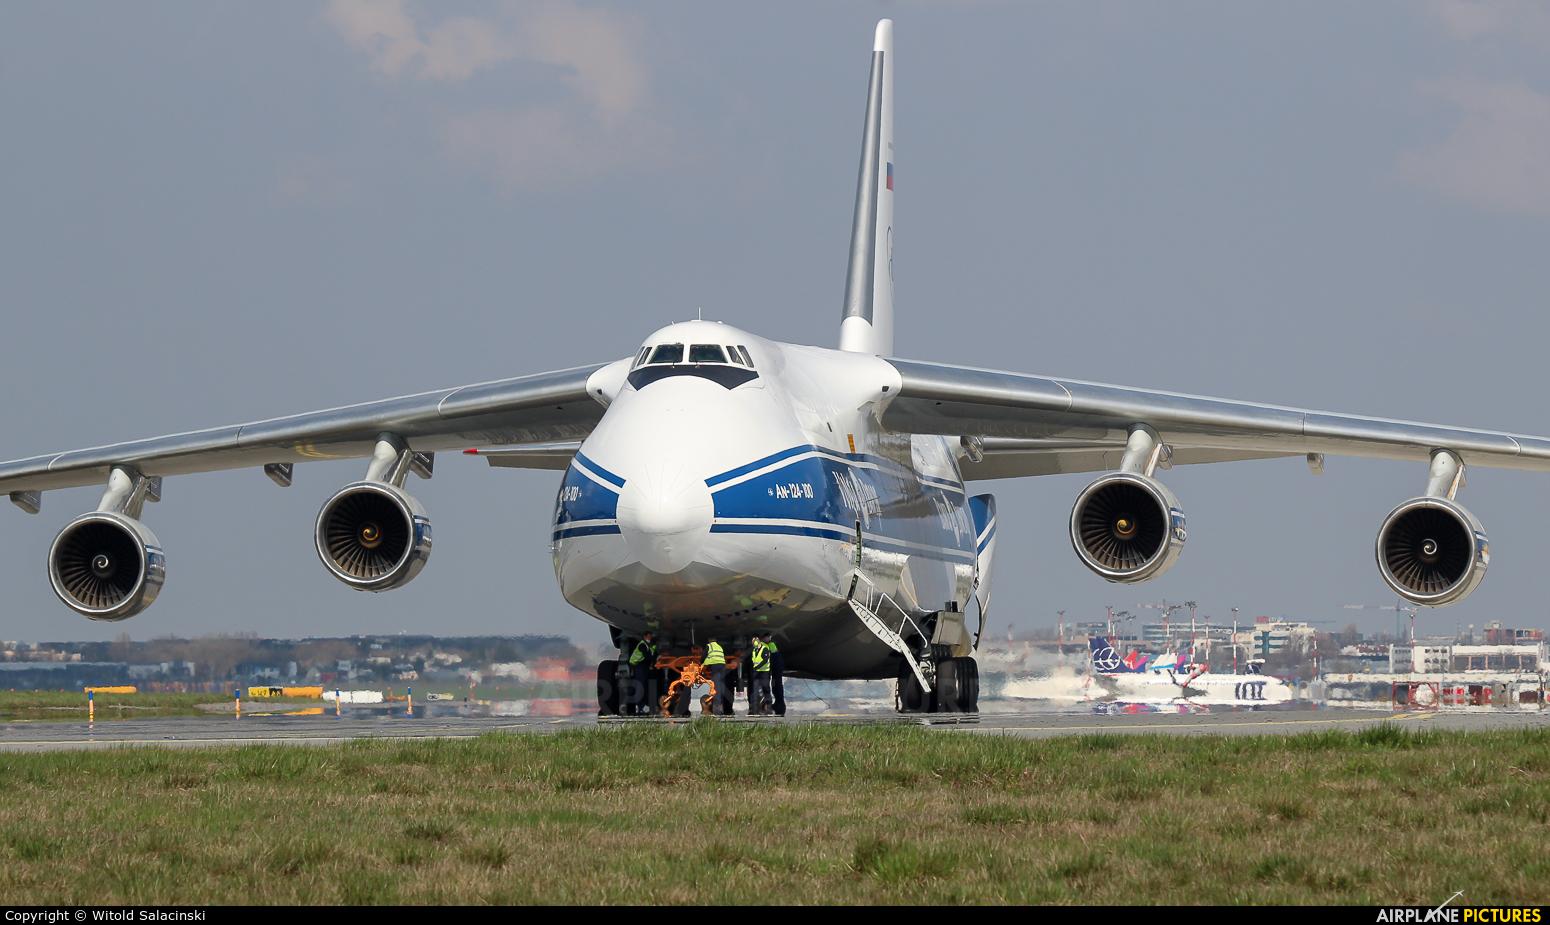 Volga Dnepr Airlines RA-82046 aircraft at Warsaw - Frederic Chopin